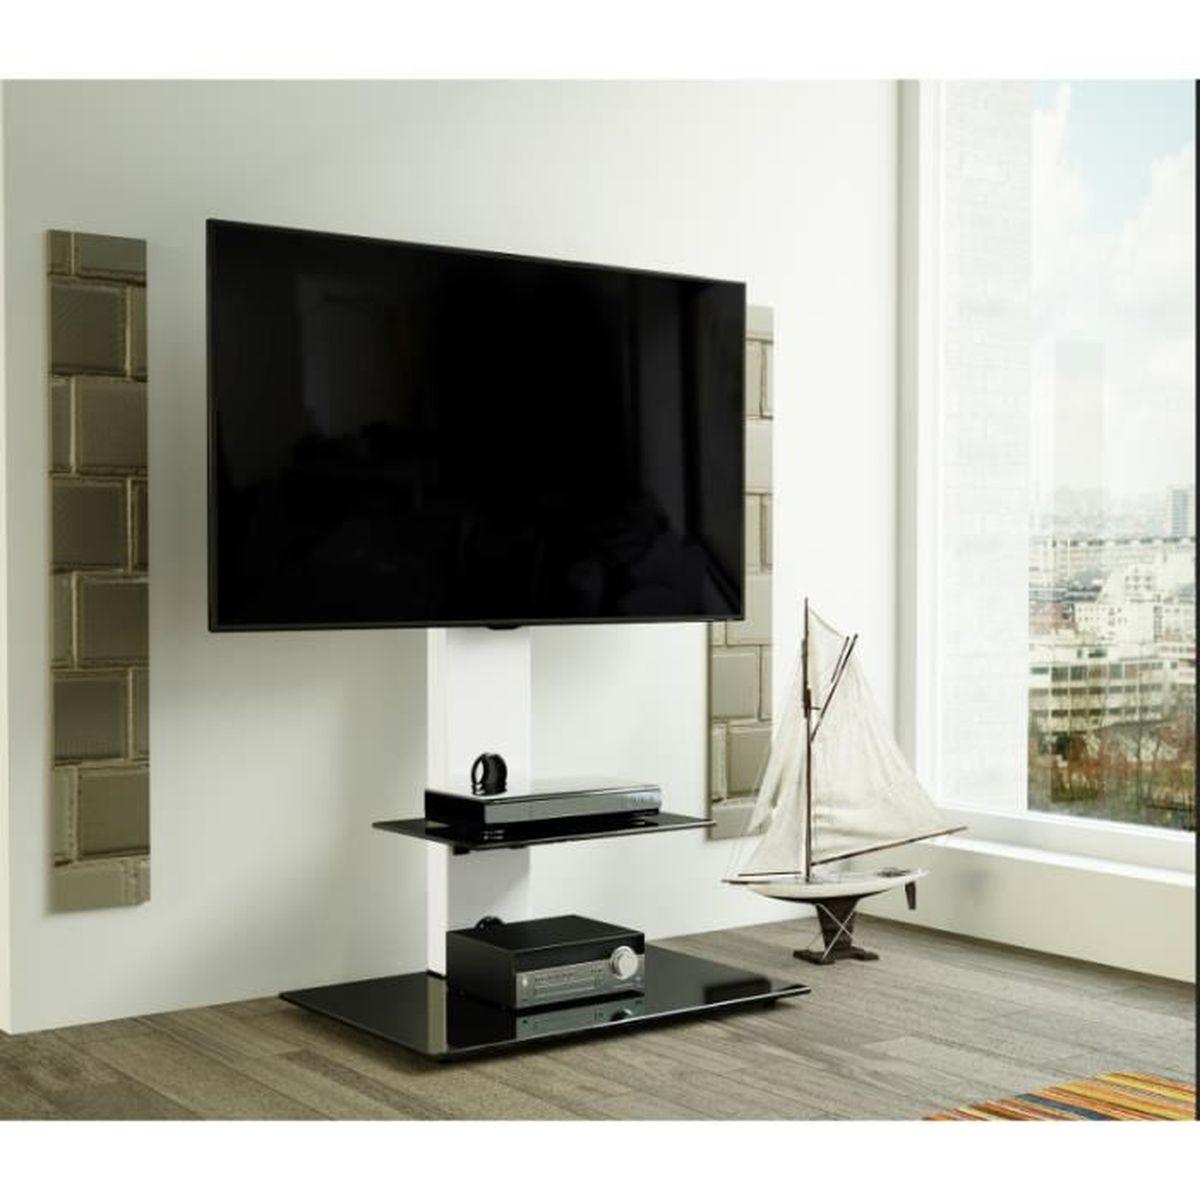 Meuble Tv Hifi Intégré meuble tv 65